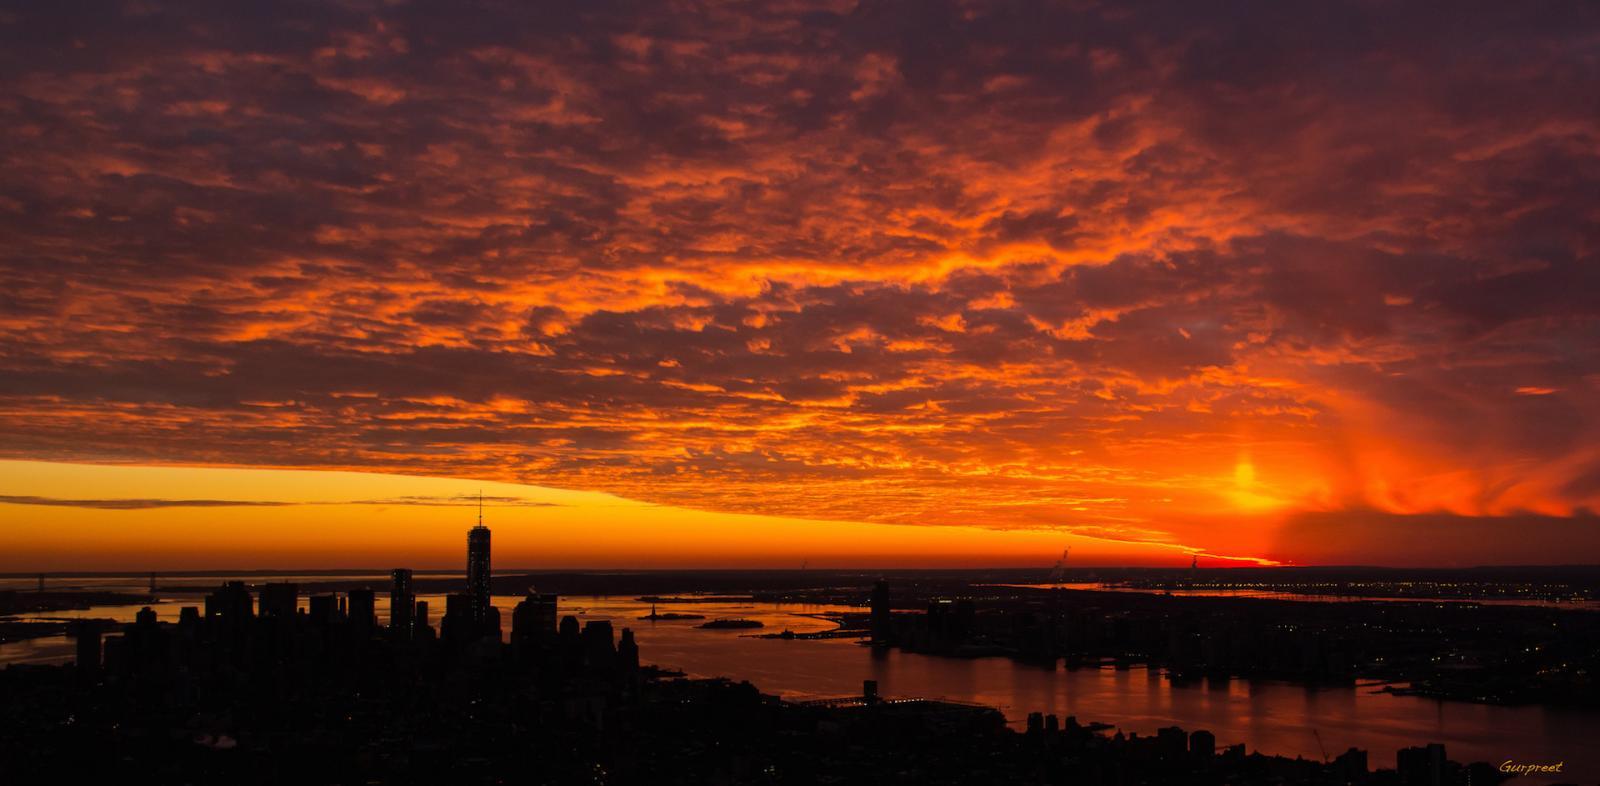 5 Locationtipps für einen besonderen Sonnenuntergang in New York